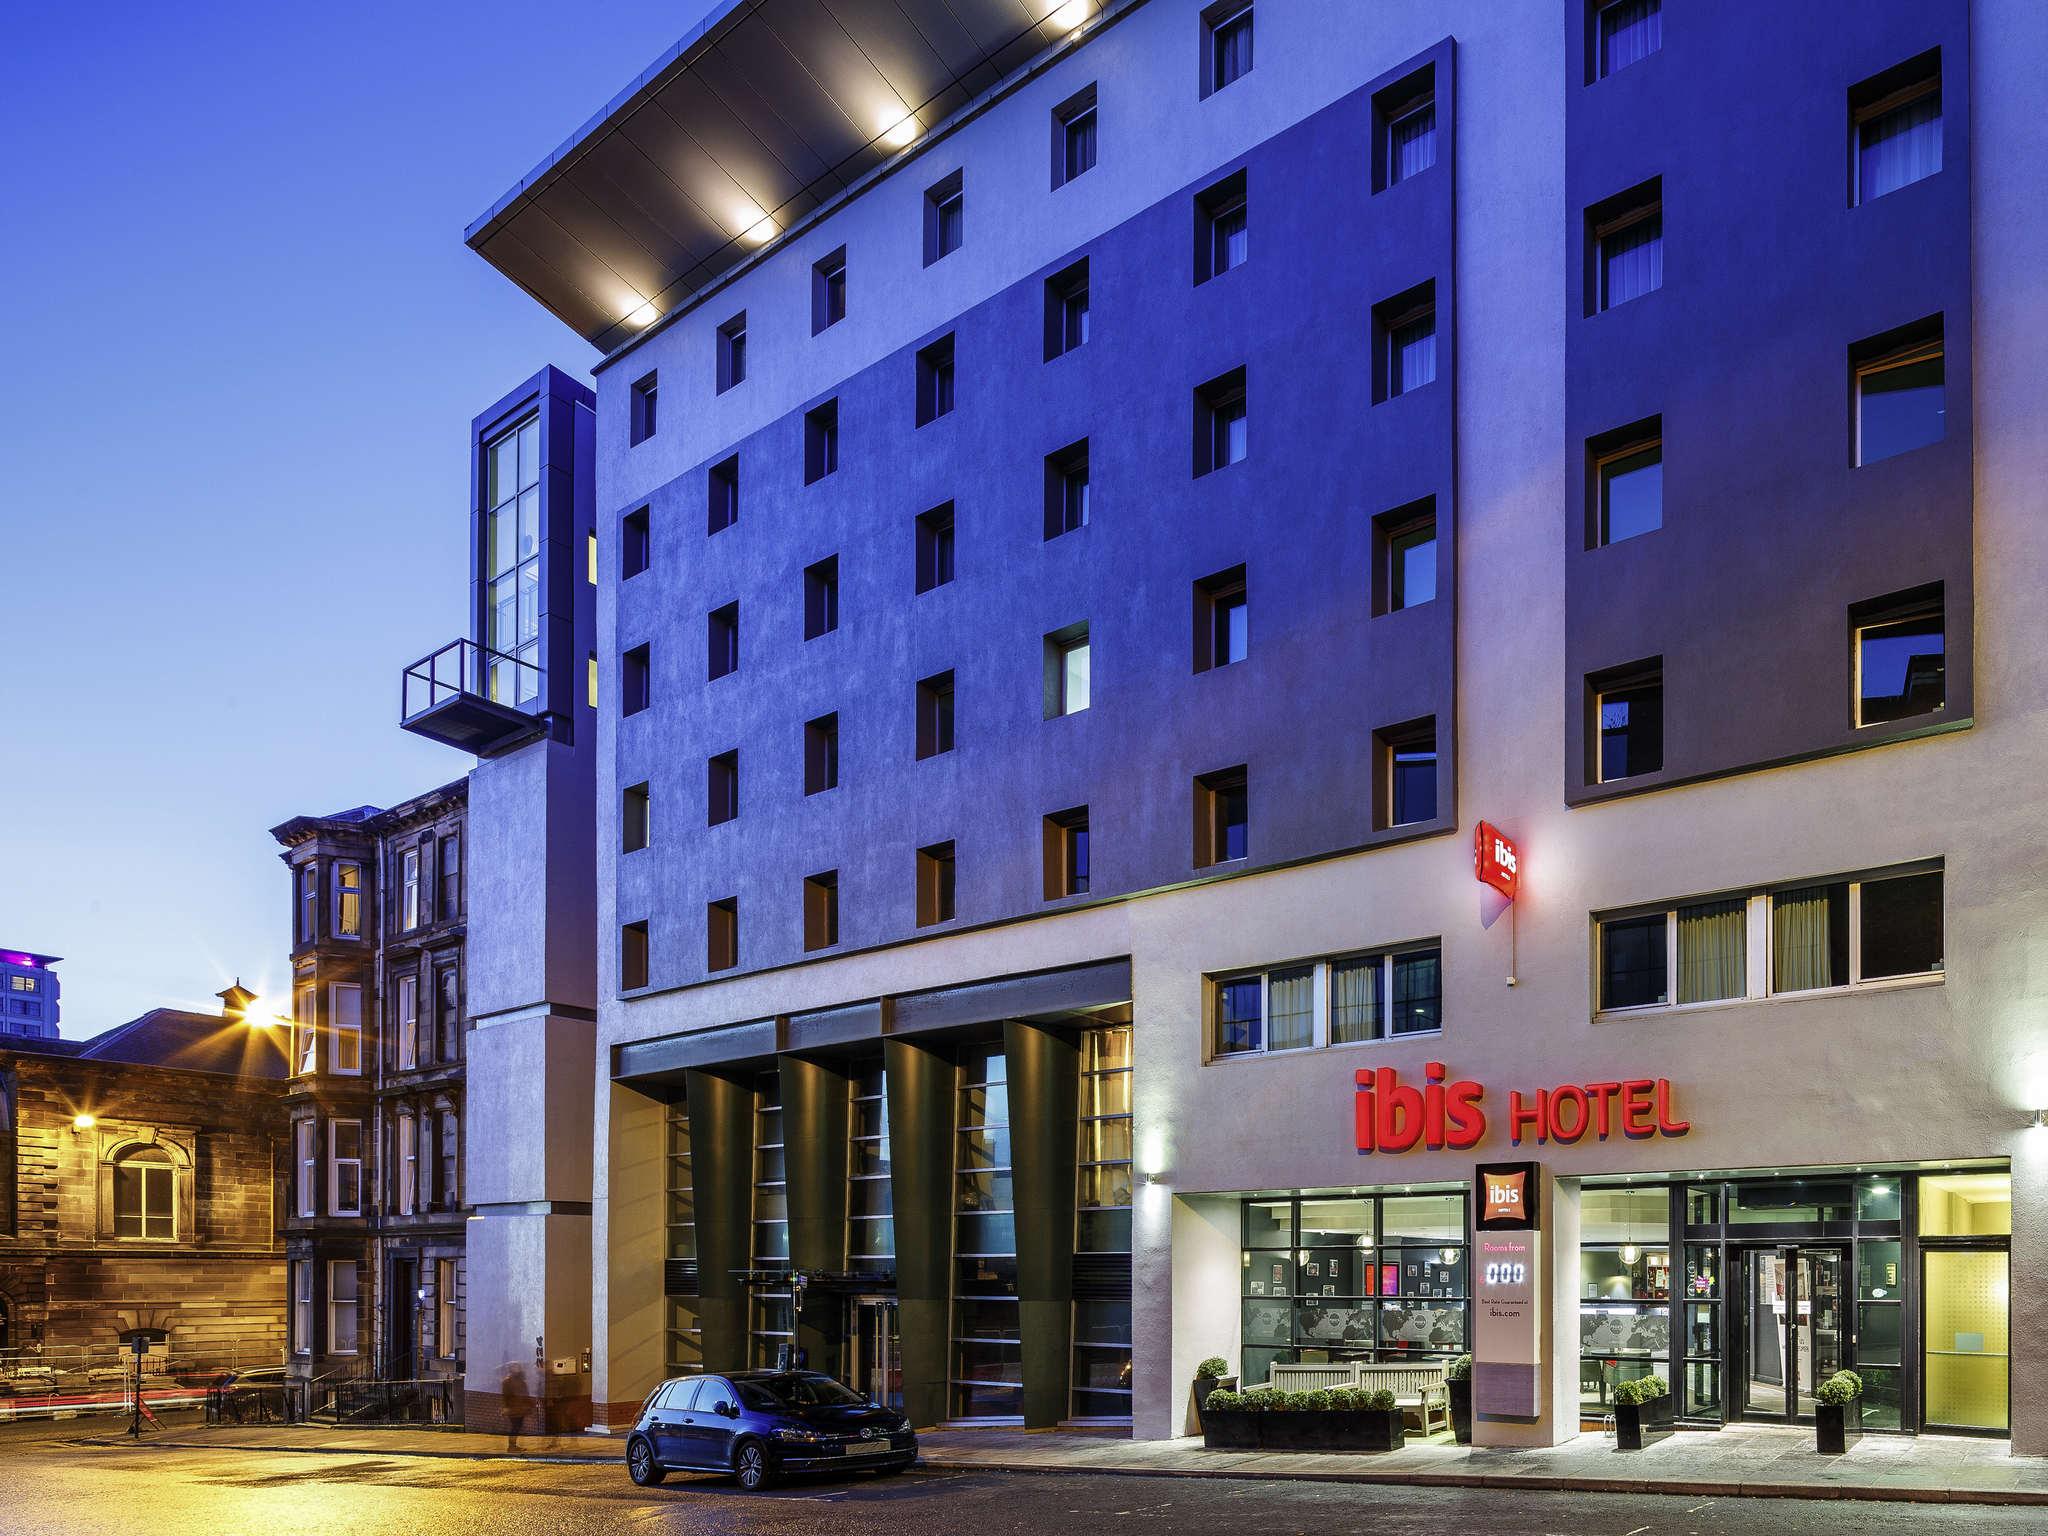 酒店 – 宜必思格拉斯哥酒店 - Sauchiehall 街